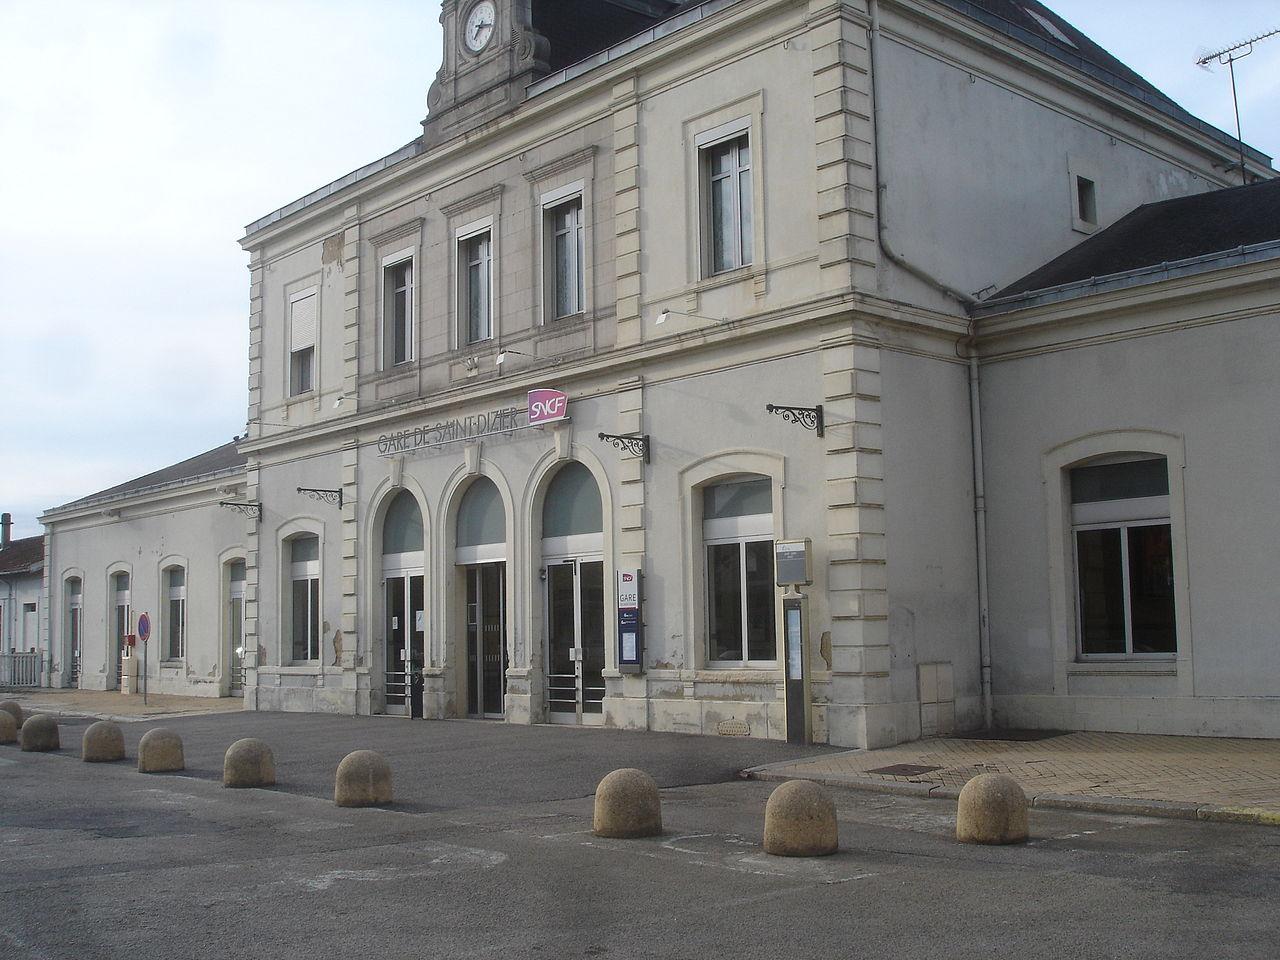 Saint-Dizier-train-station